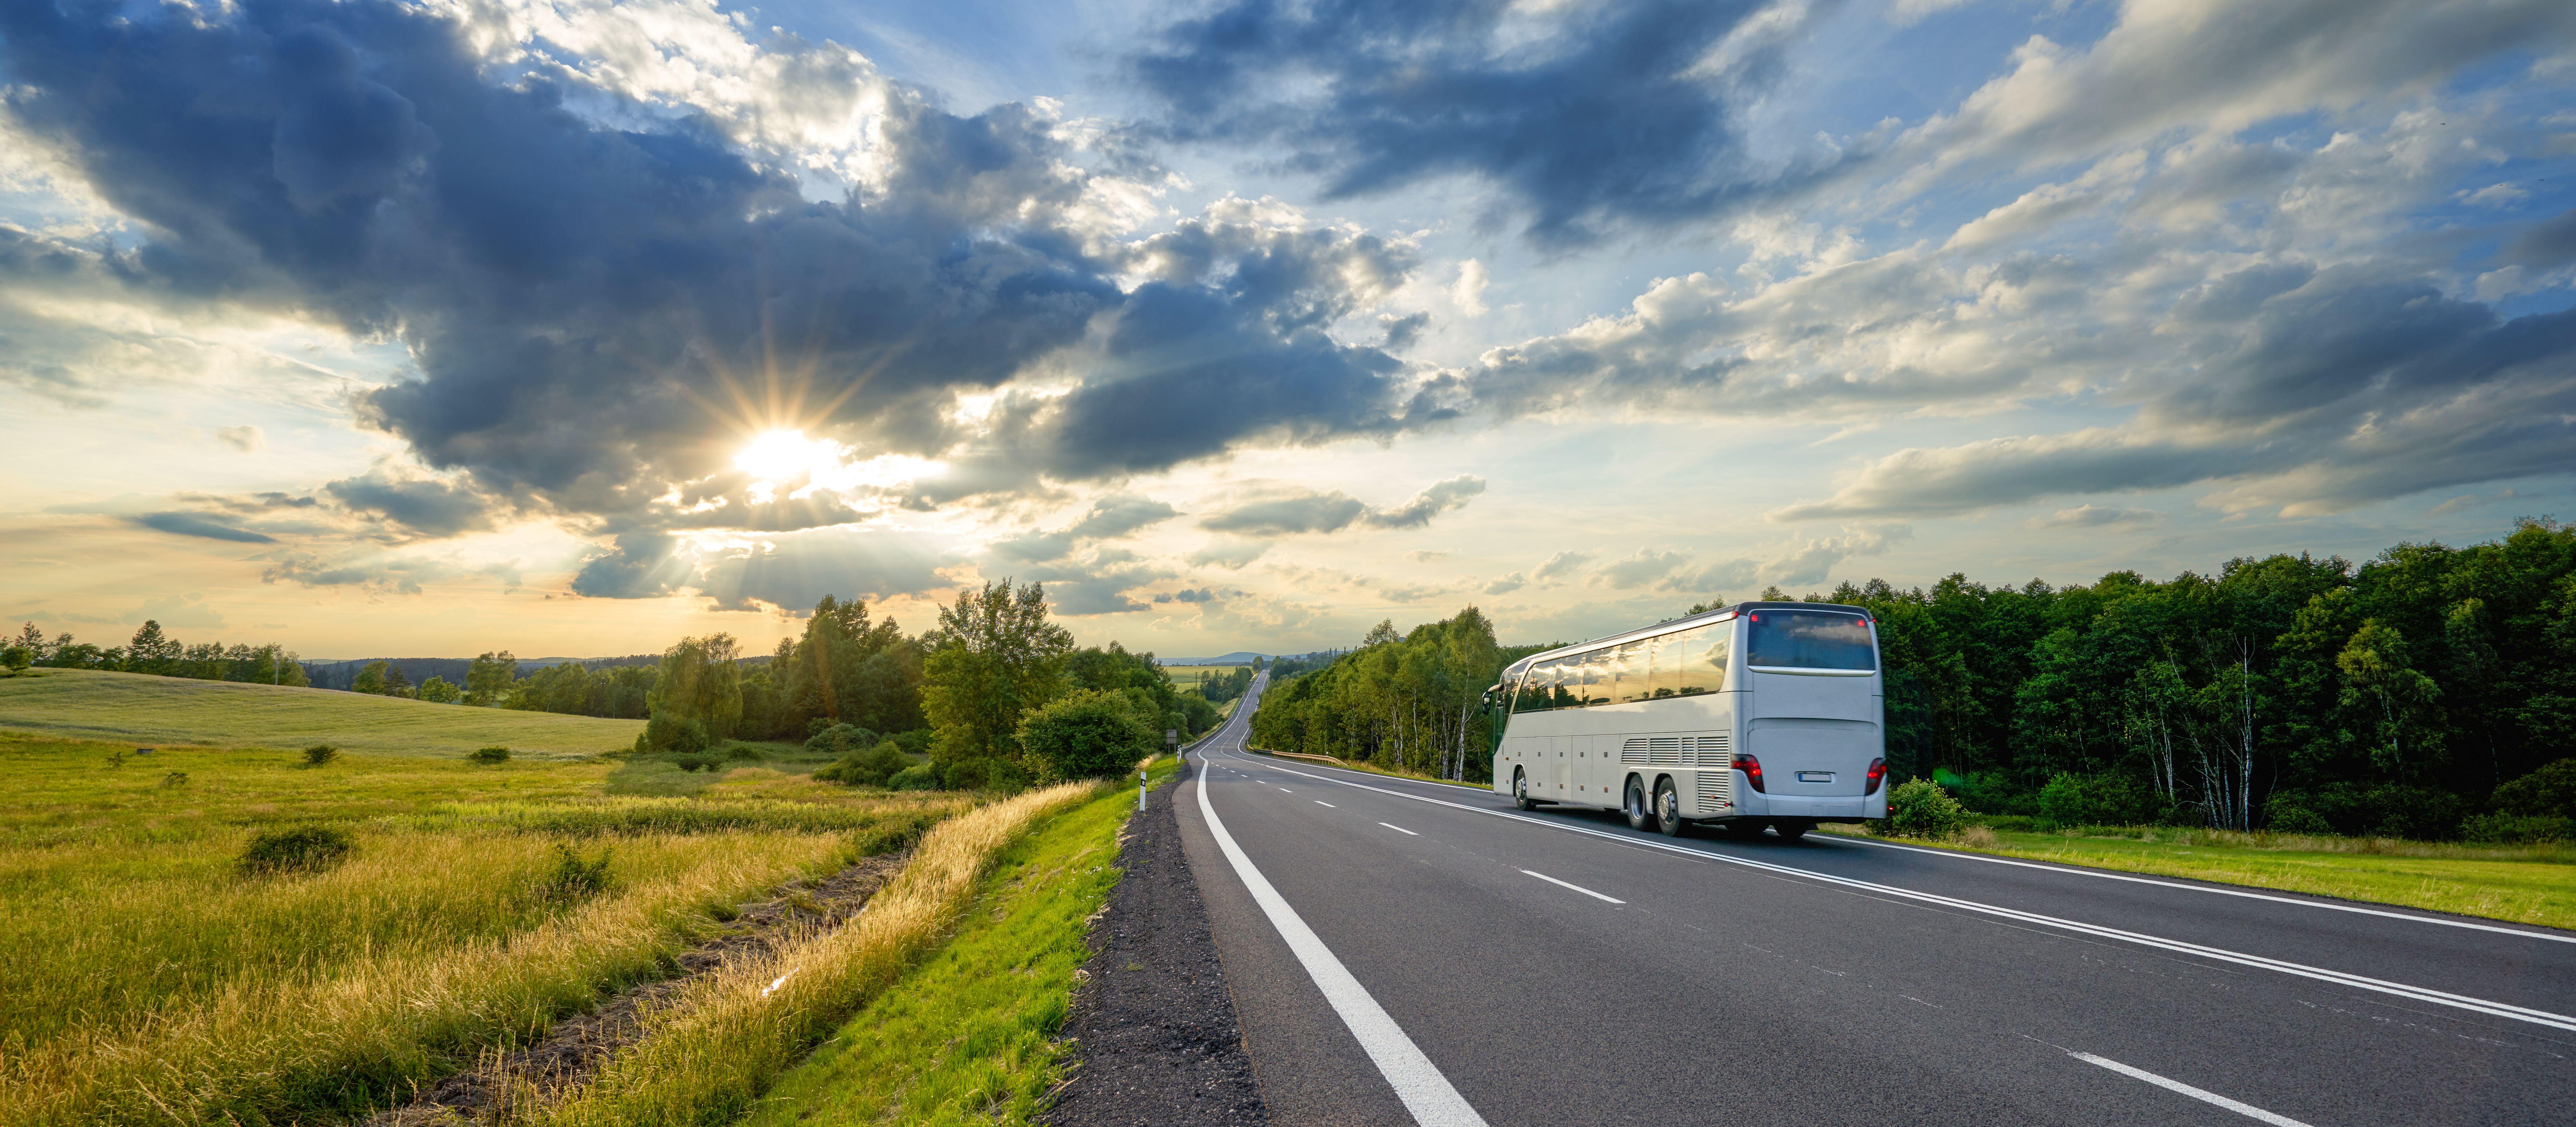 Ein Bus fährt auf einer Landstraße Richtung Sonnenuntergang